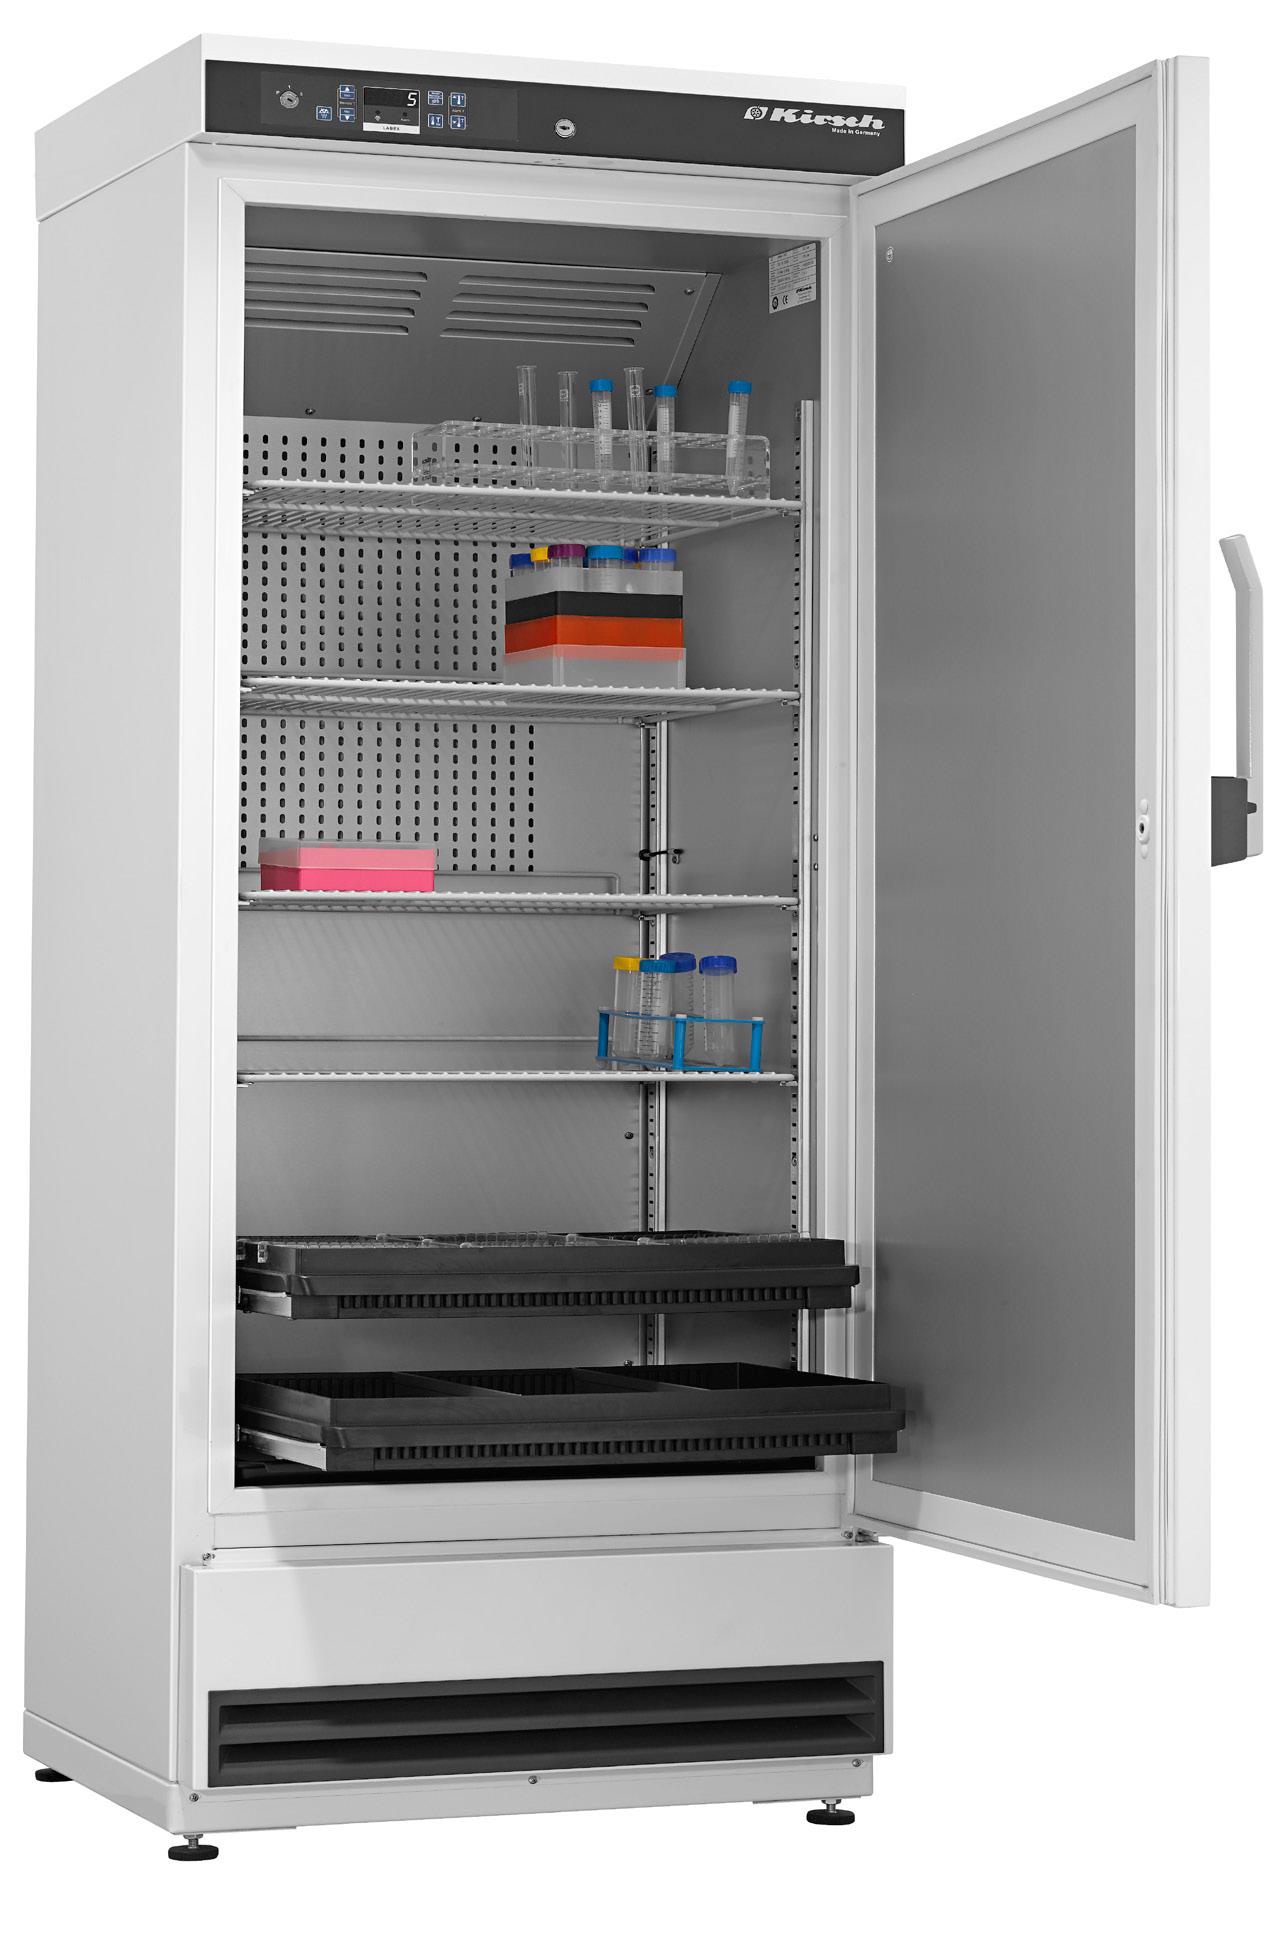 大昌華嘉為專業實驗室提供Philipp Kirsch德國製冷卻解決方案